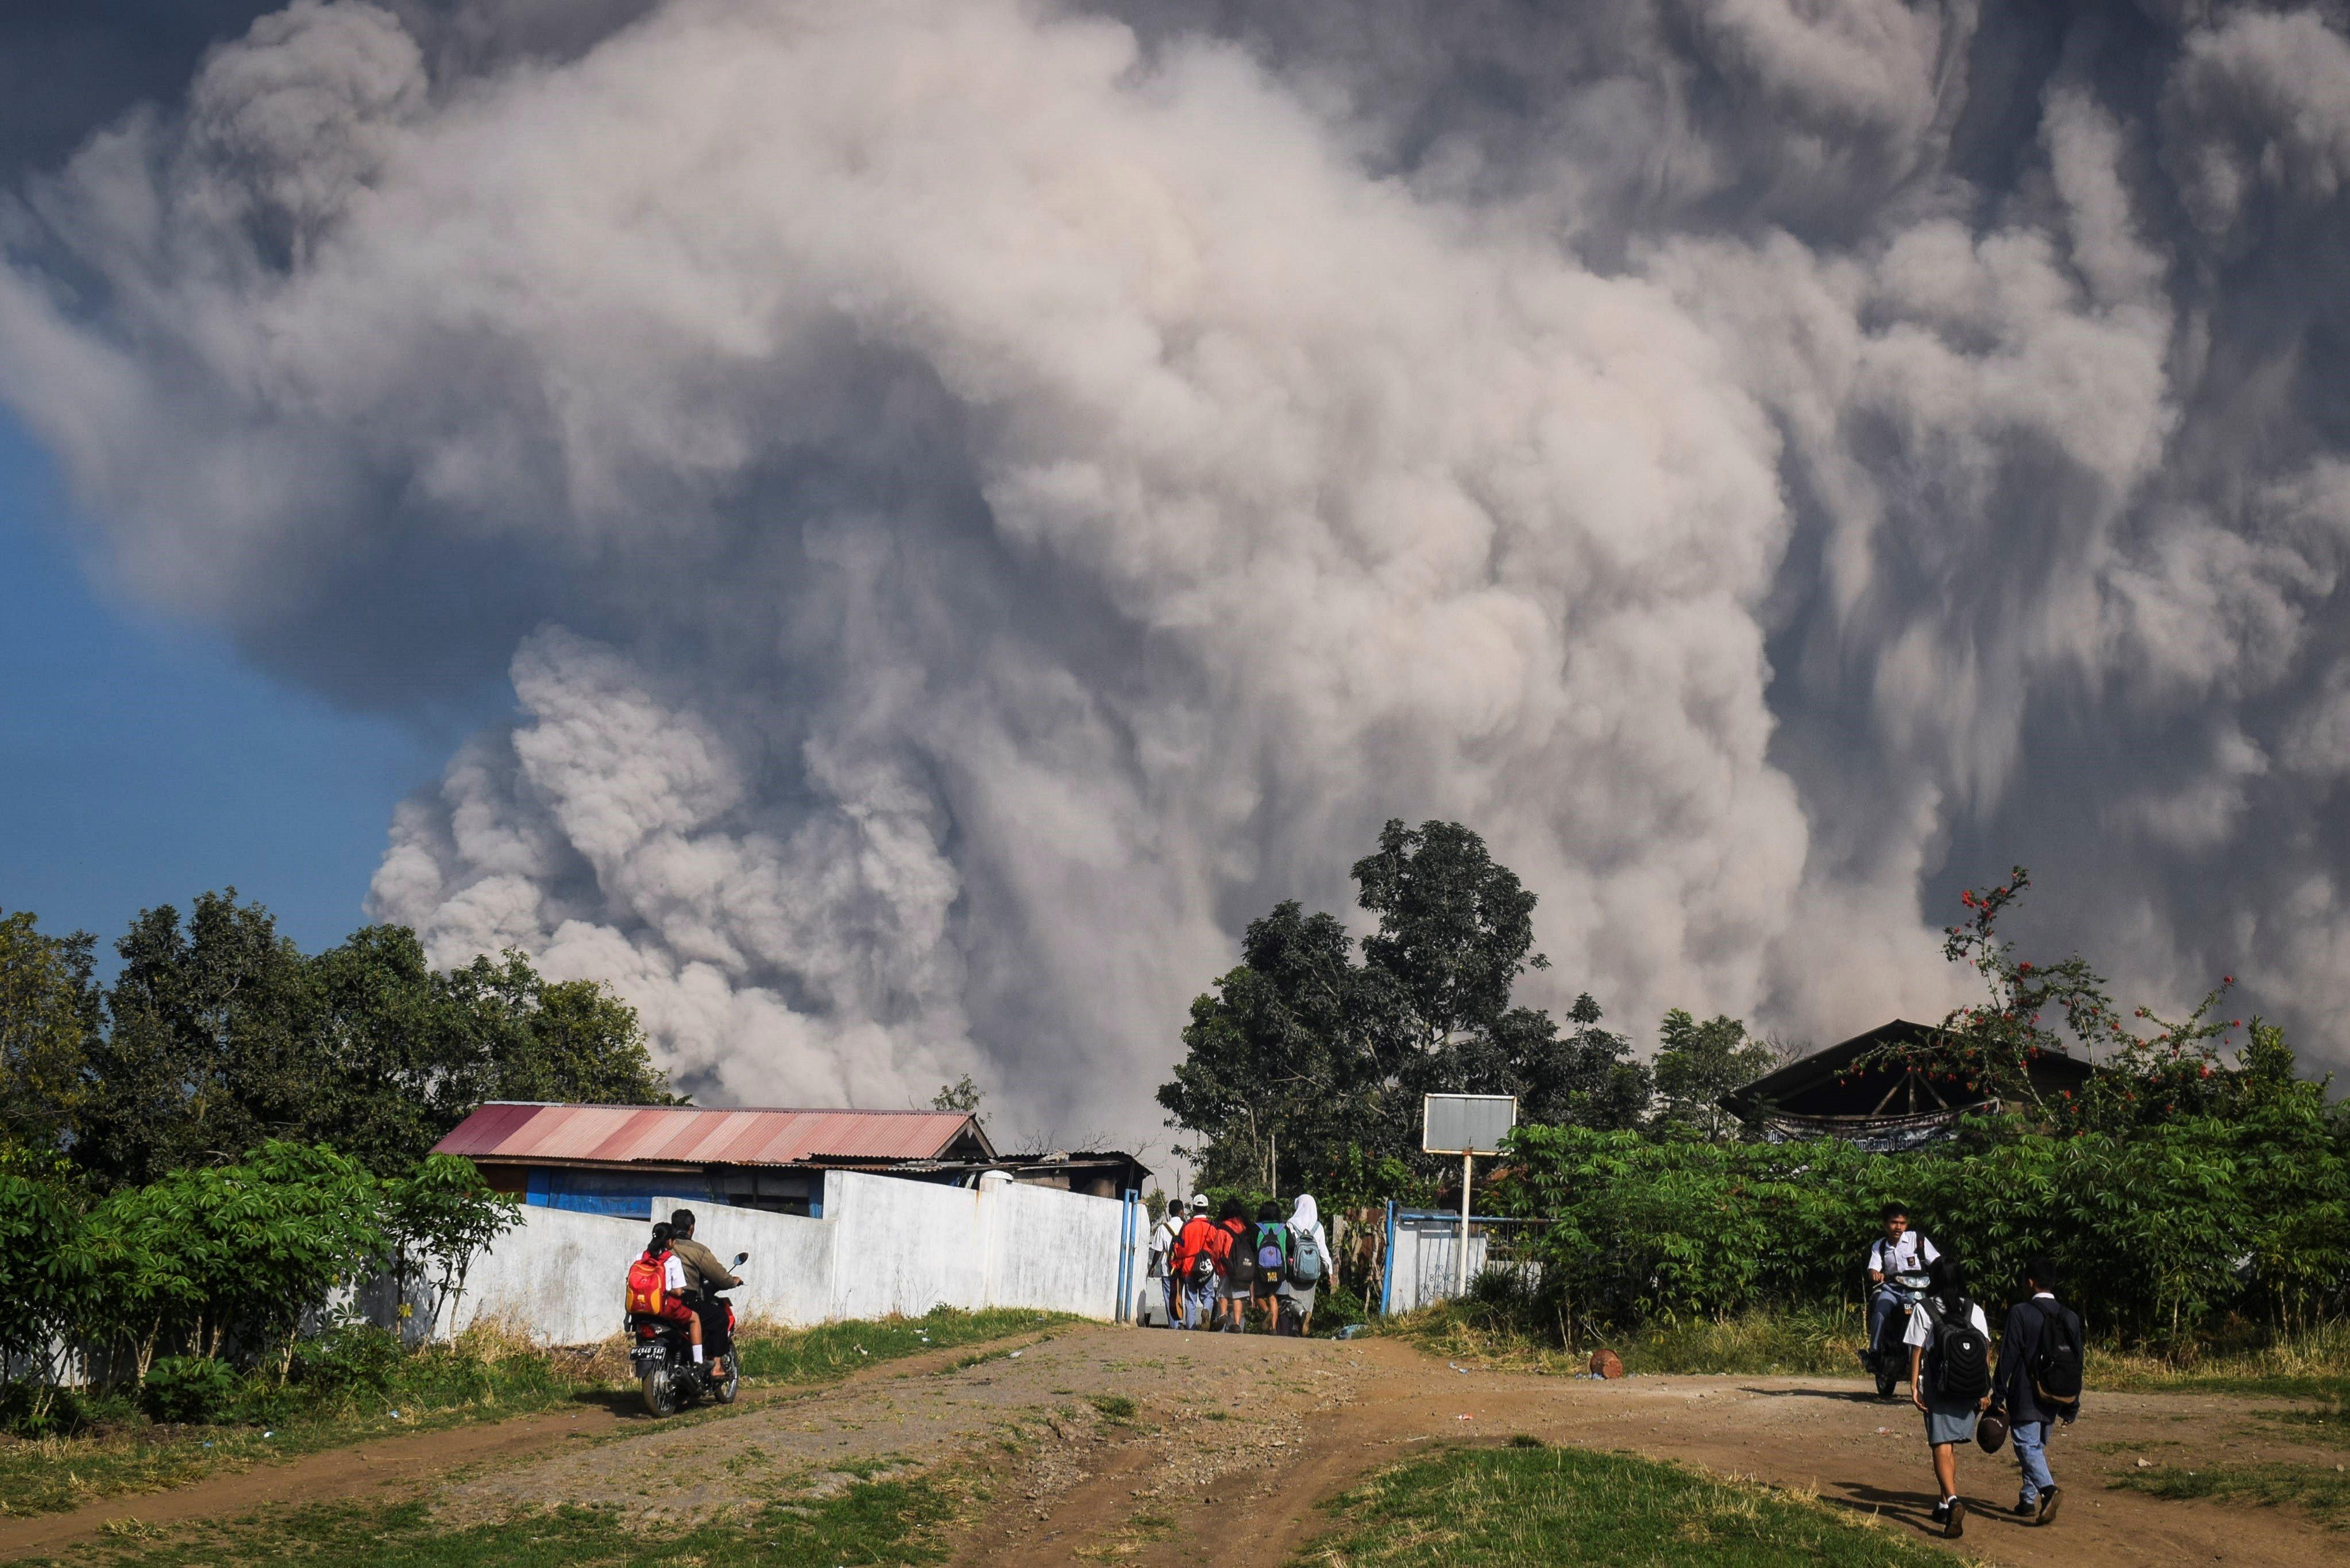 Diversos estudiants caminen prop d'un núvol de cendres volcàniques a Karo, Sumatra Nord (Indonèsia). /SARIANTO OJO SEMBIRING